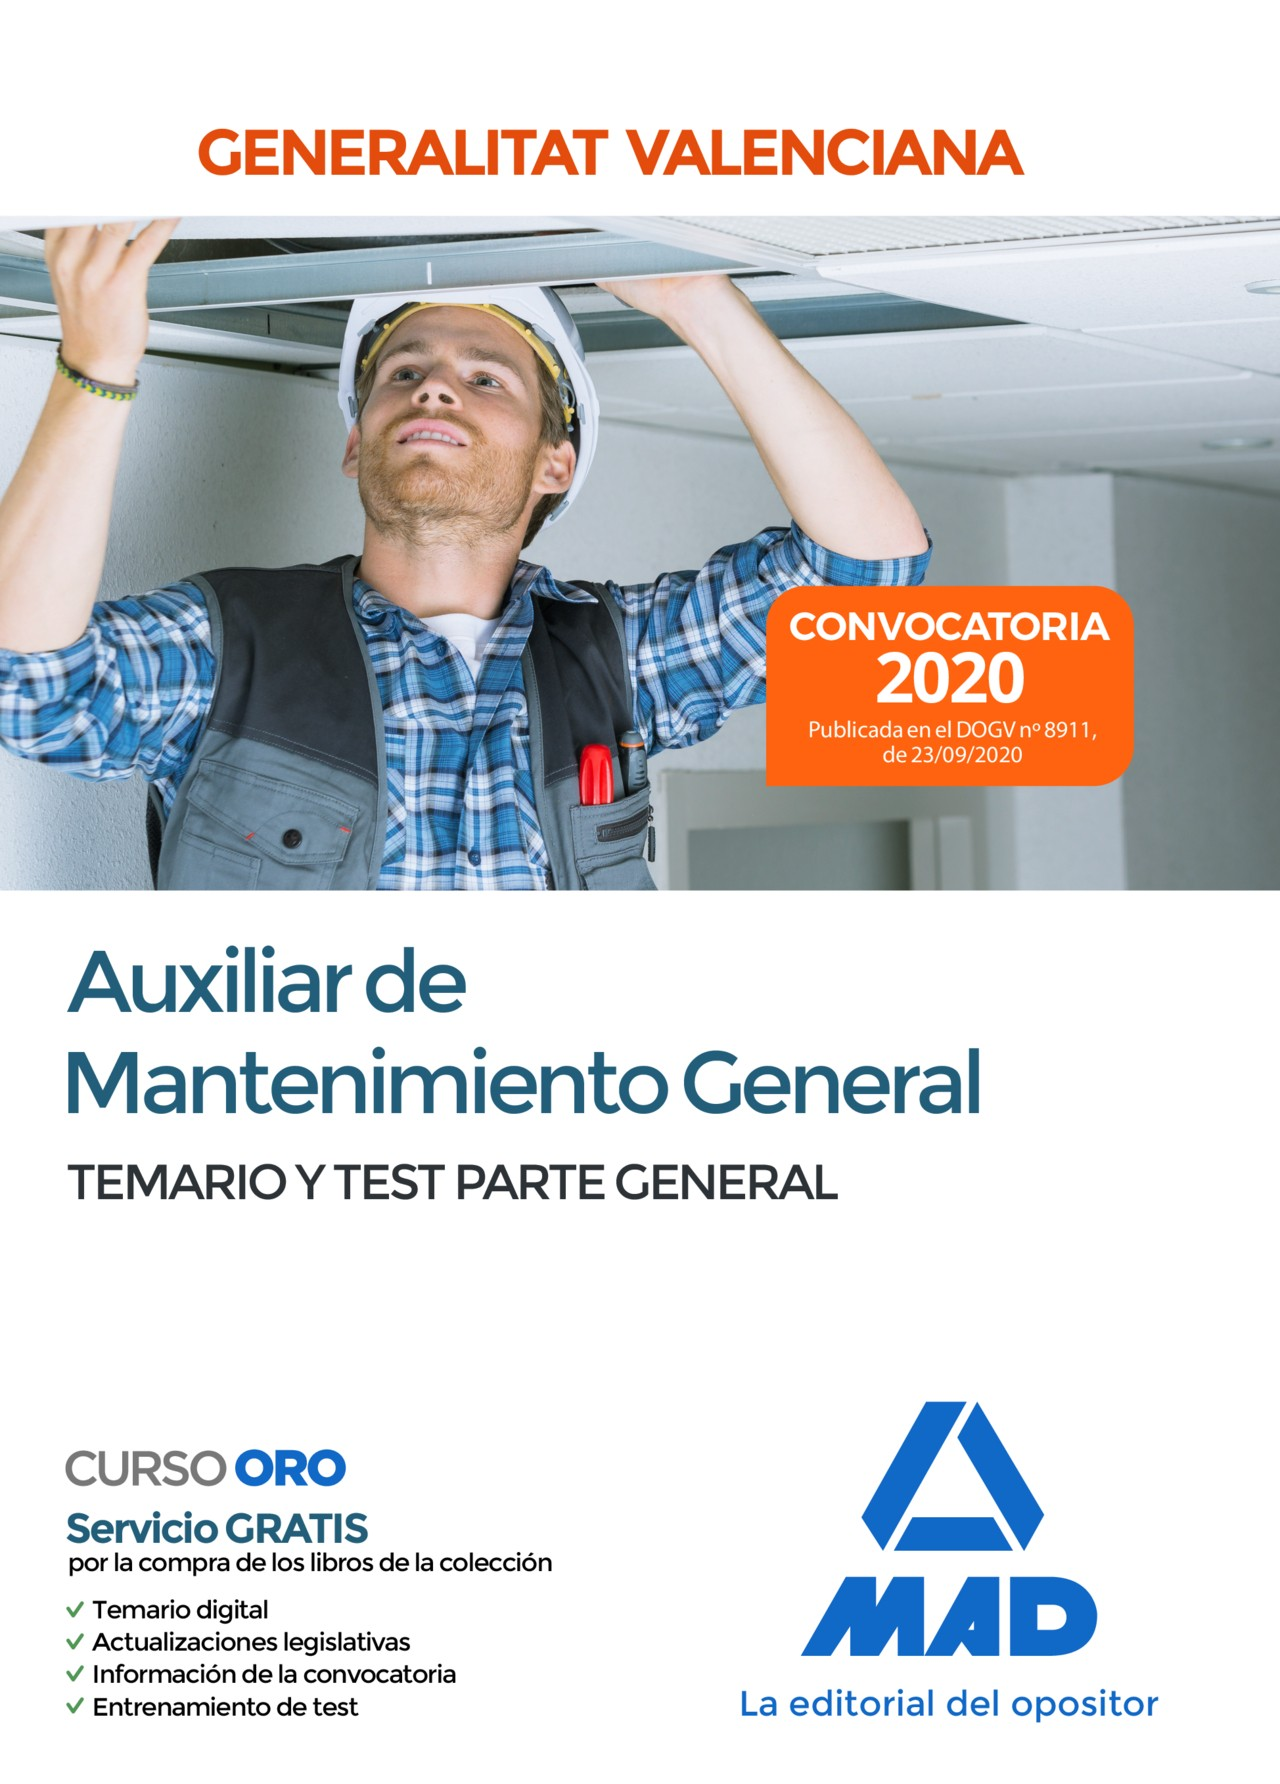 Auxiliar de Mantenimiento General de la Administración de la Generalitat Valenciana